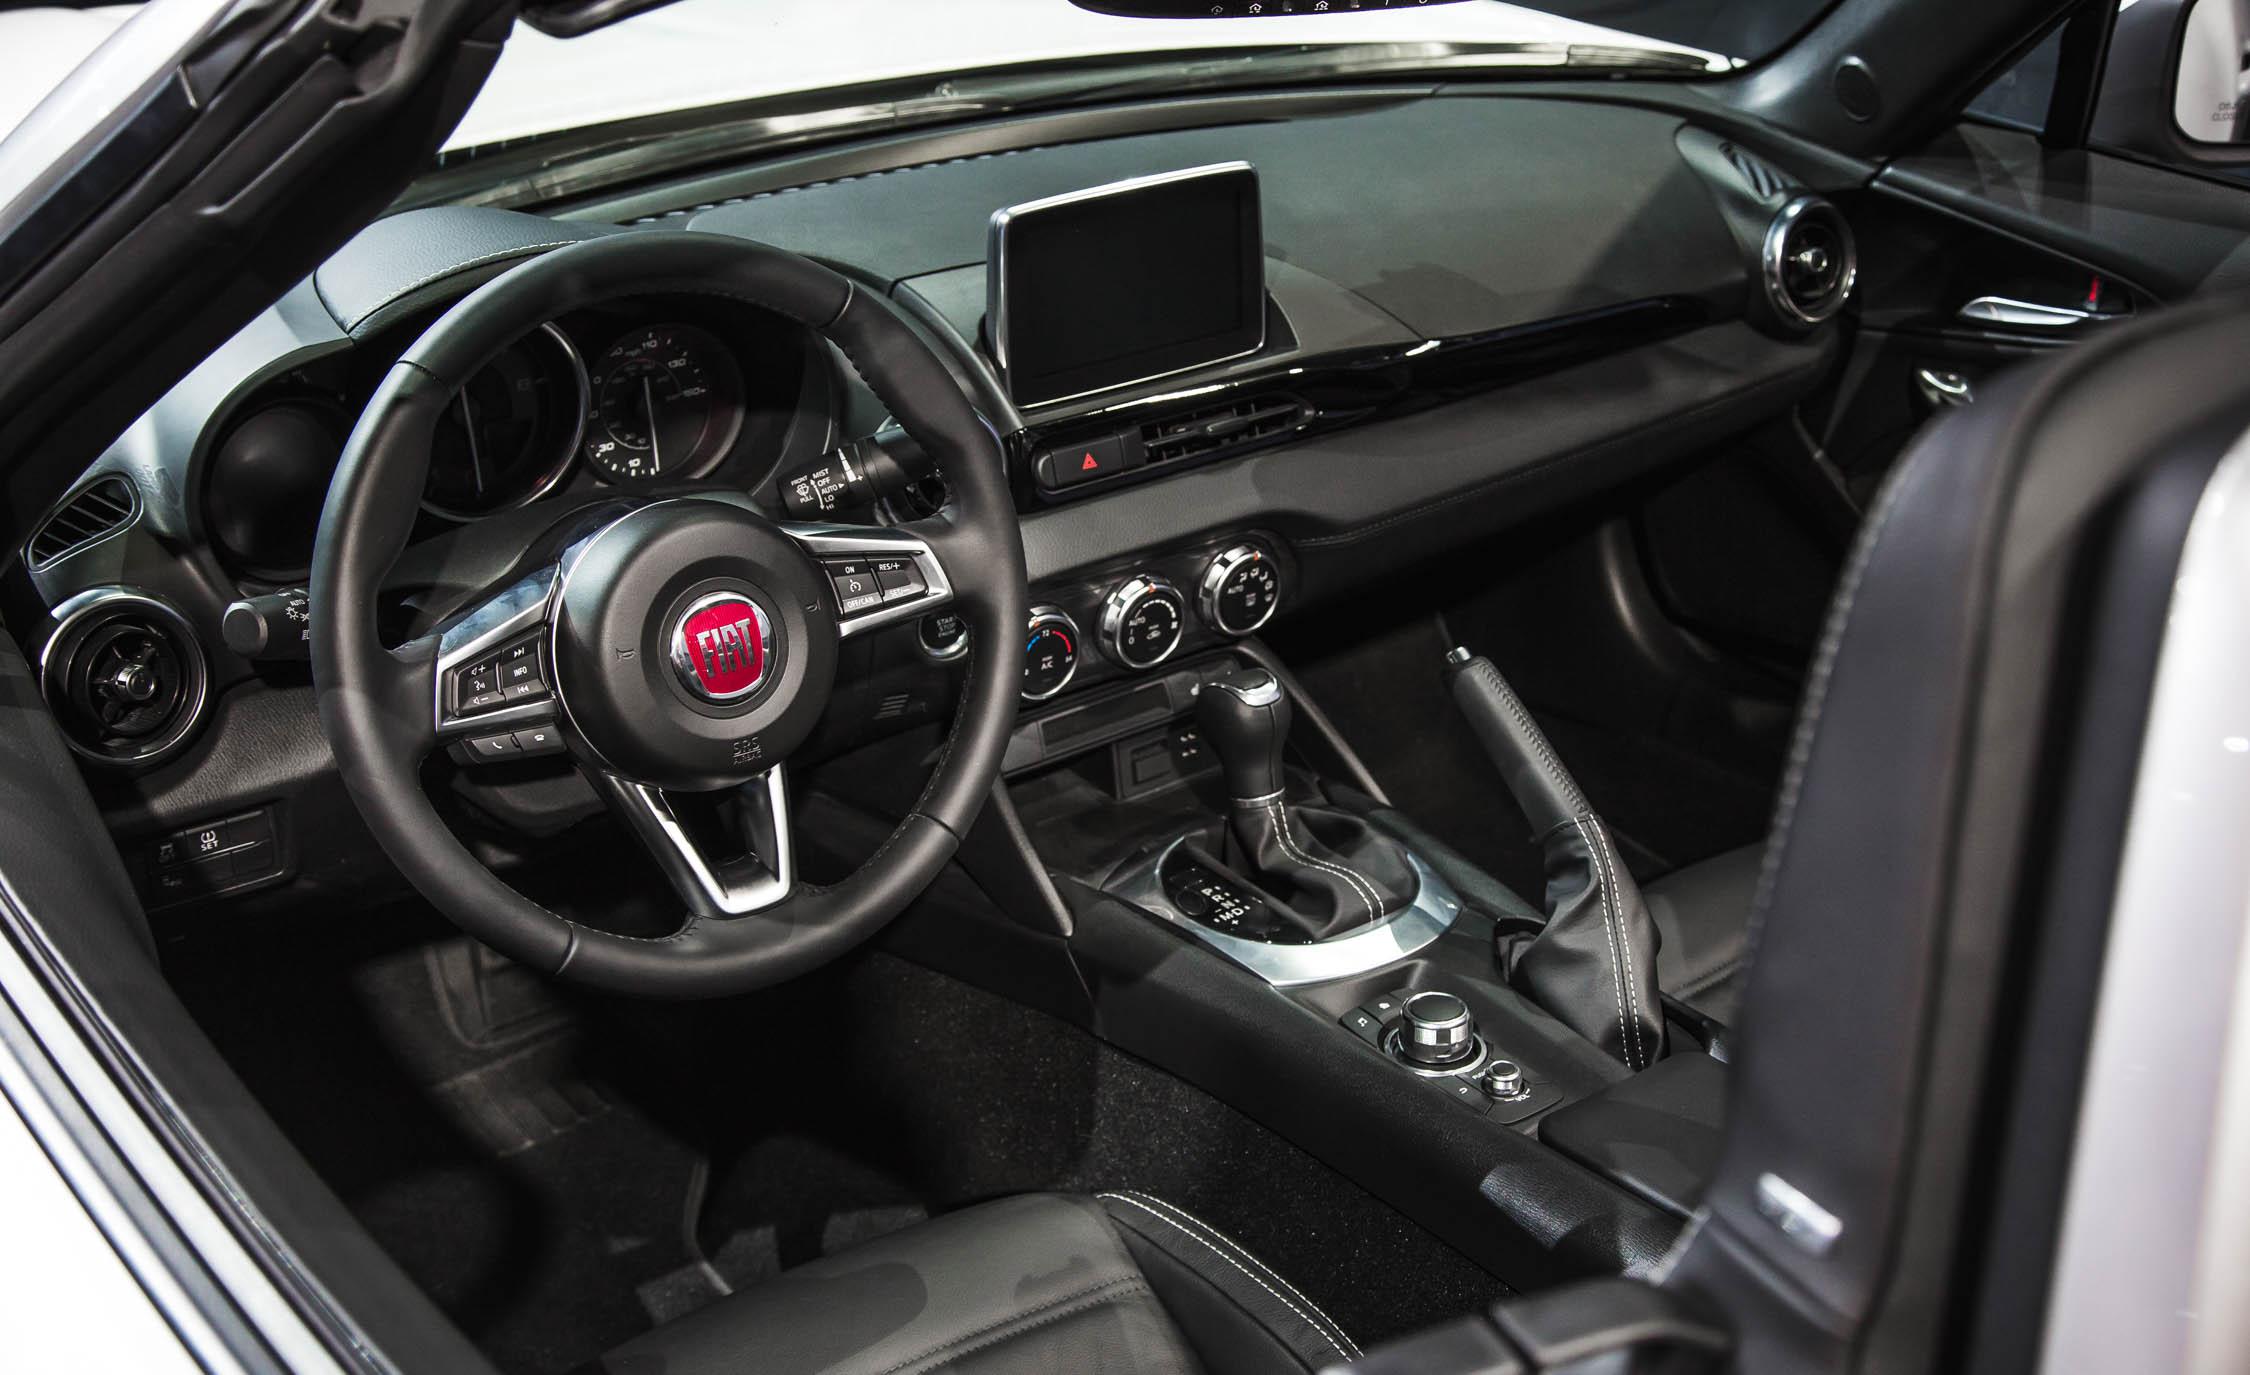 2017 Fiat 124 Spider Interior Cockpit and Dashboard